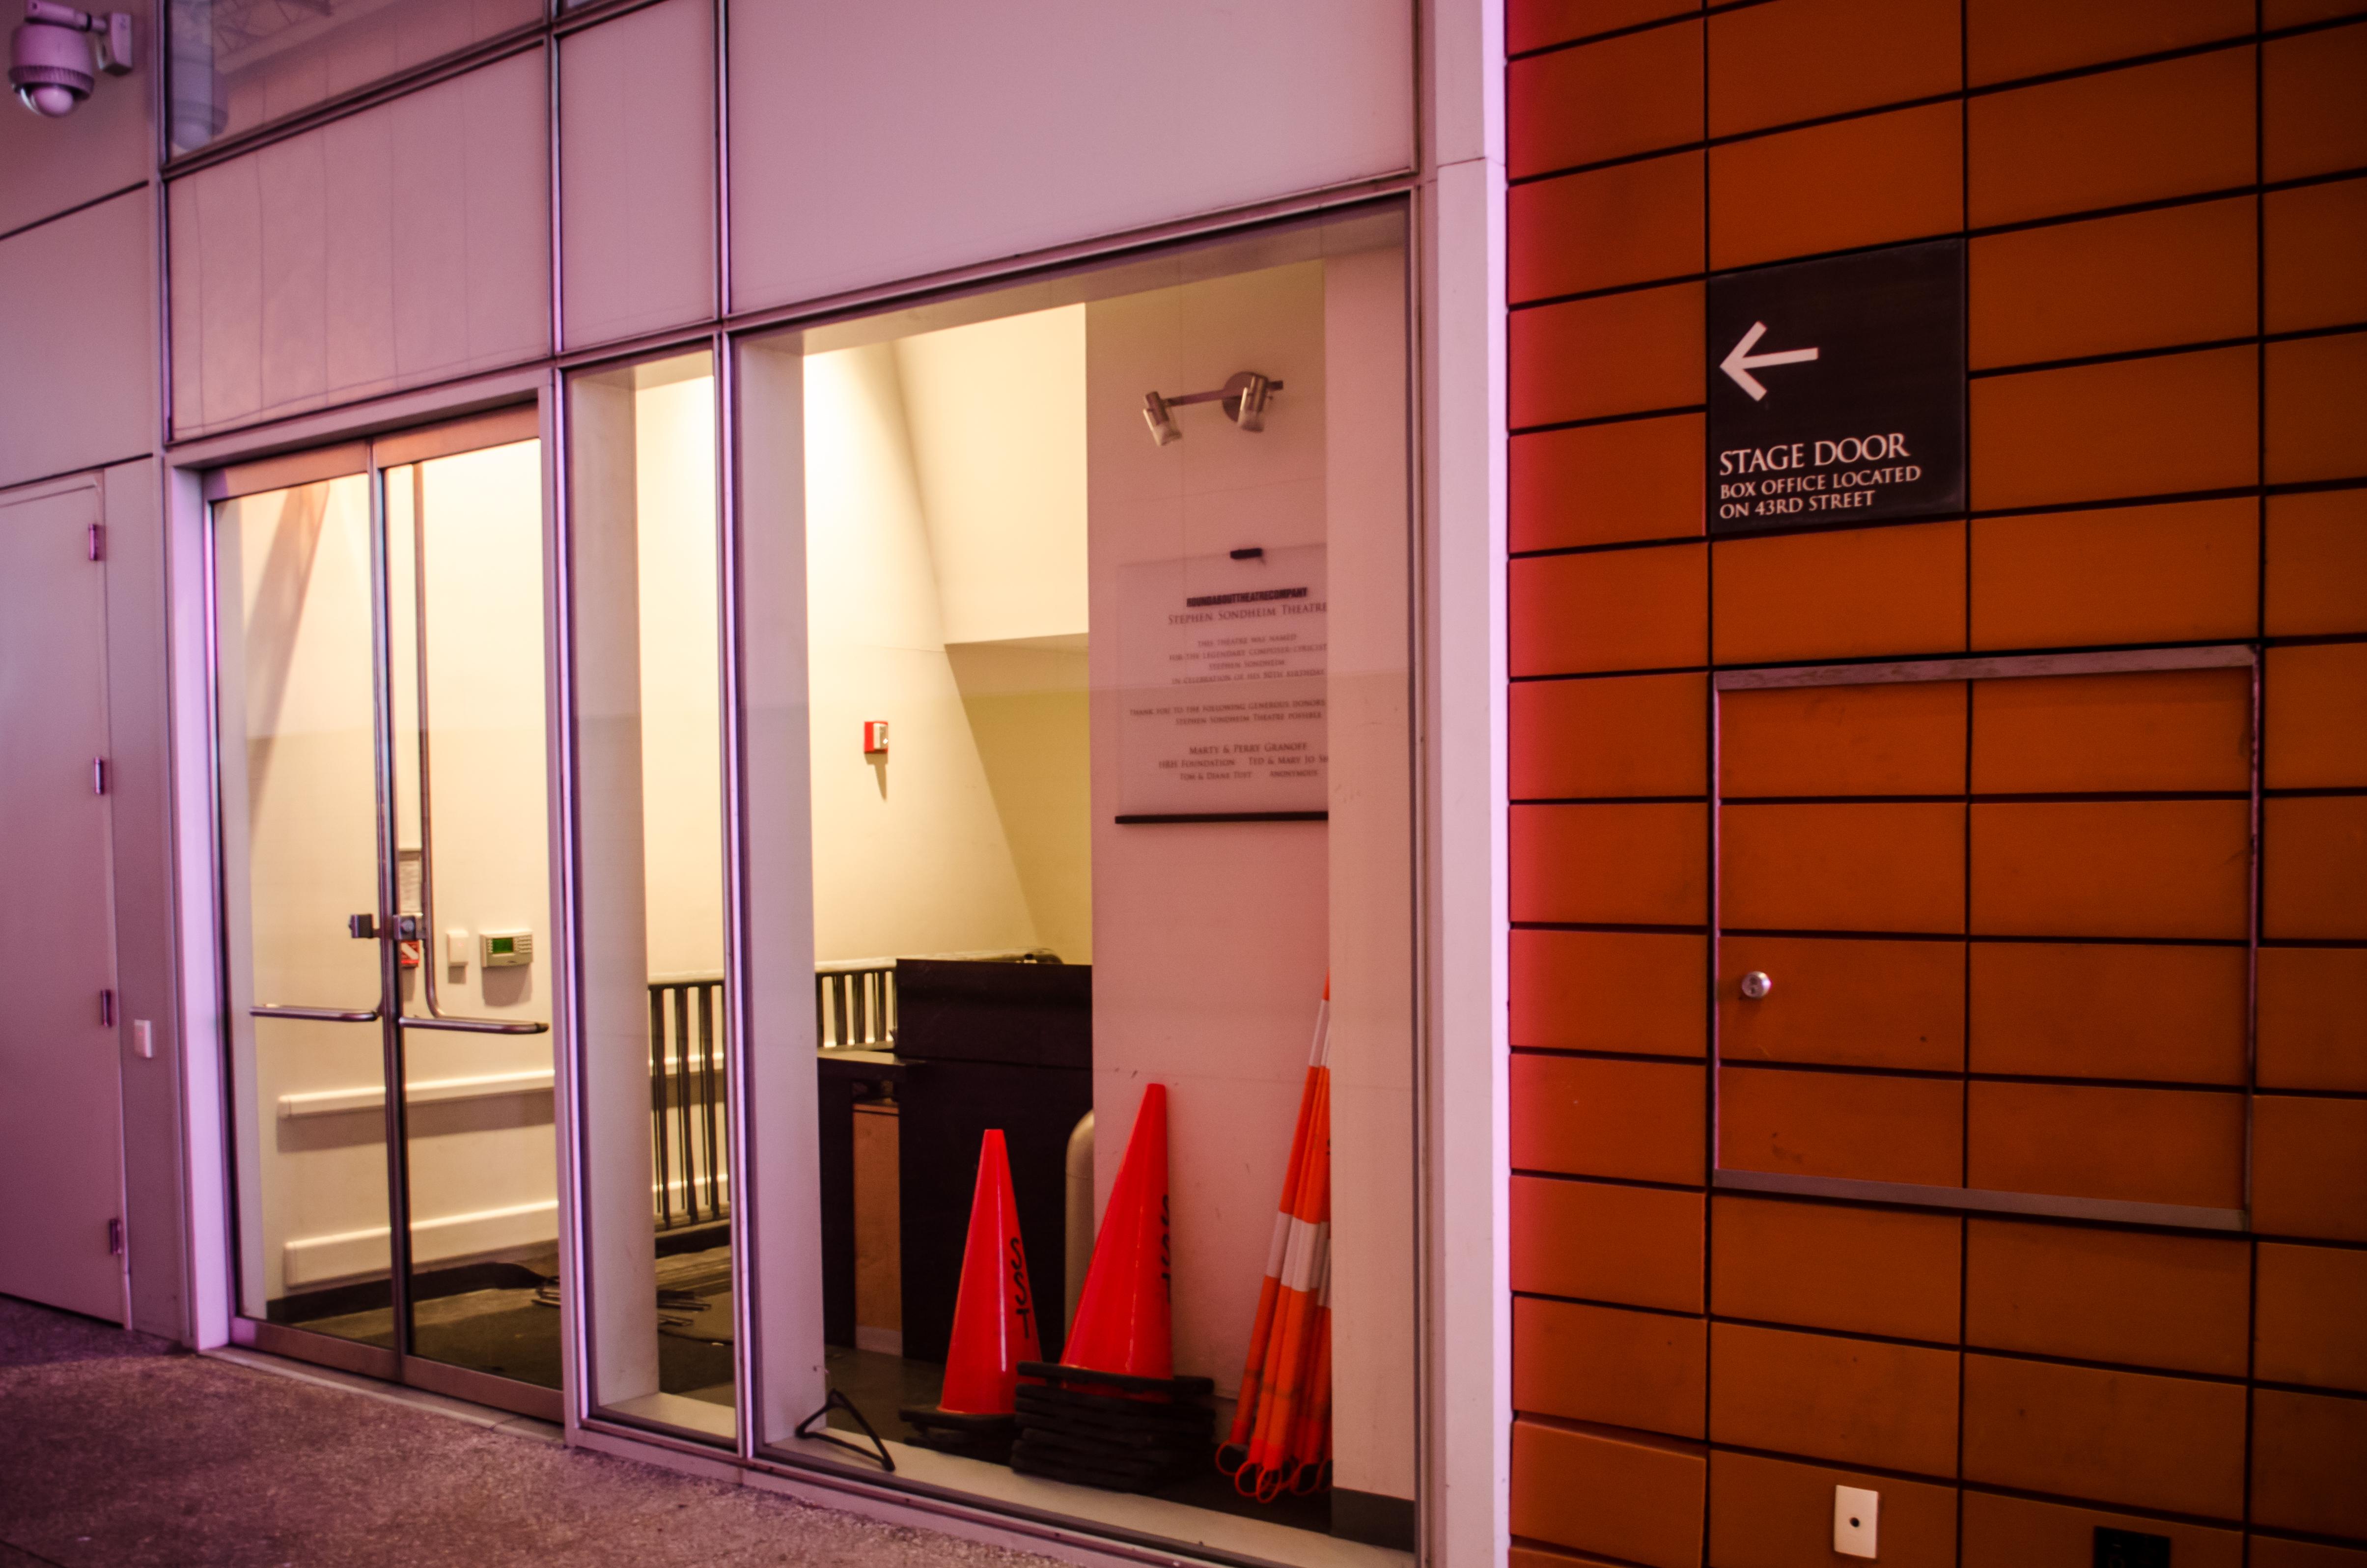 Stephen Sondheim Theatre (Broadway) - Theater Information Stage Door